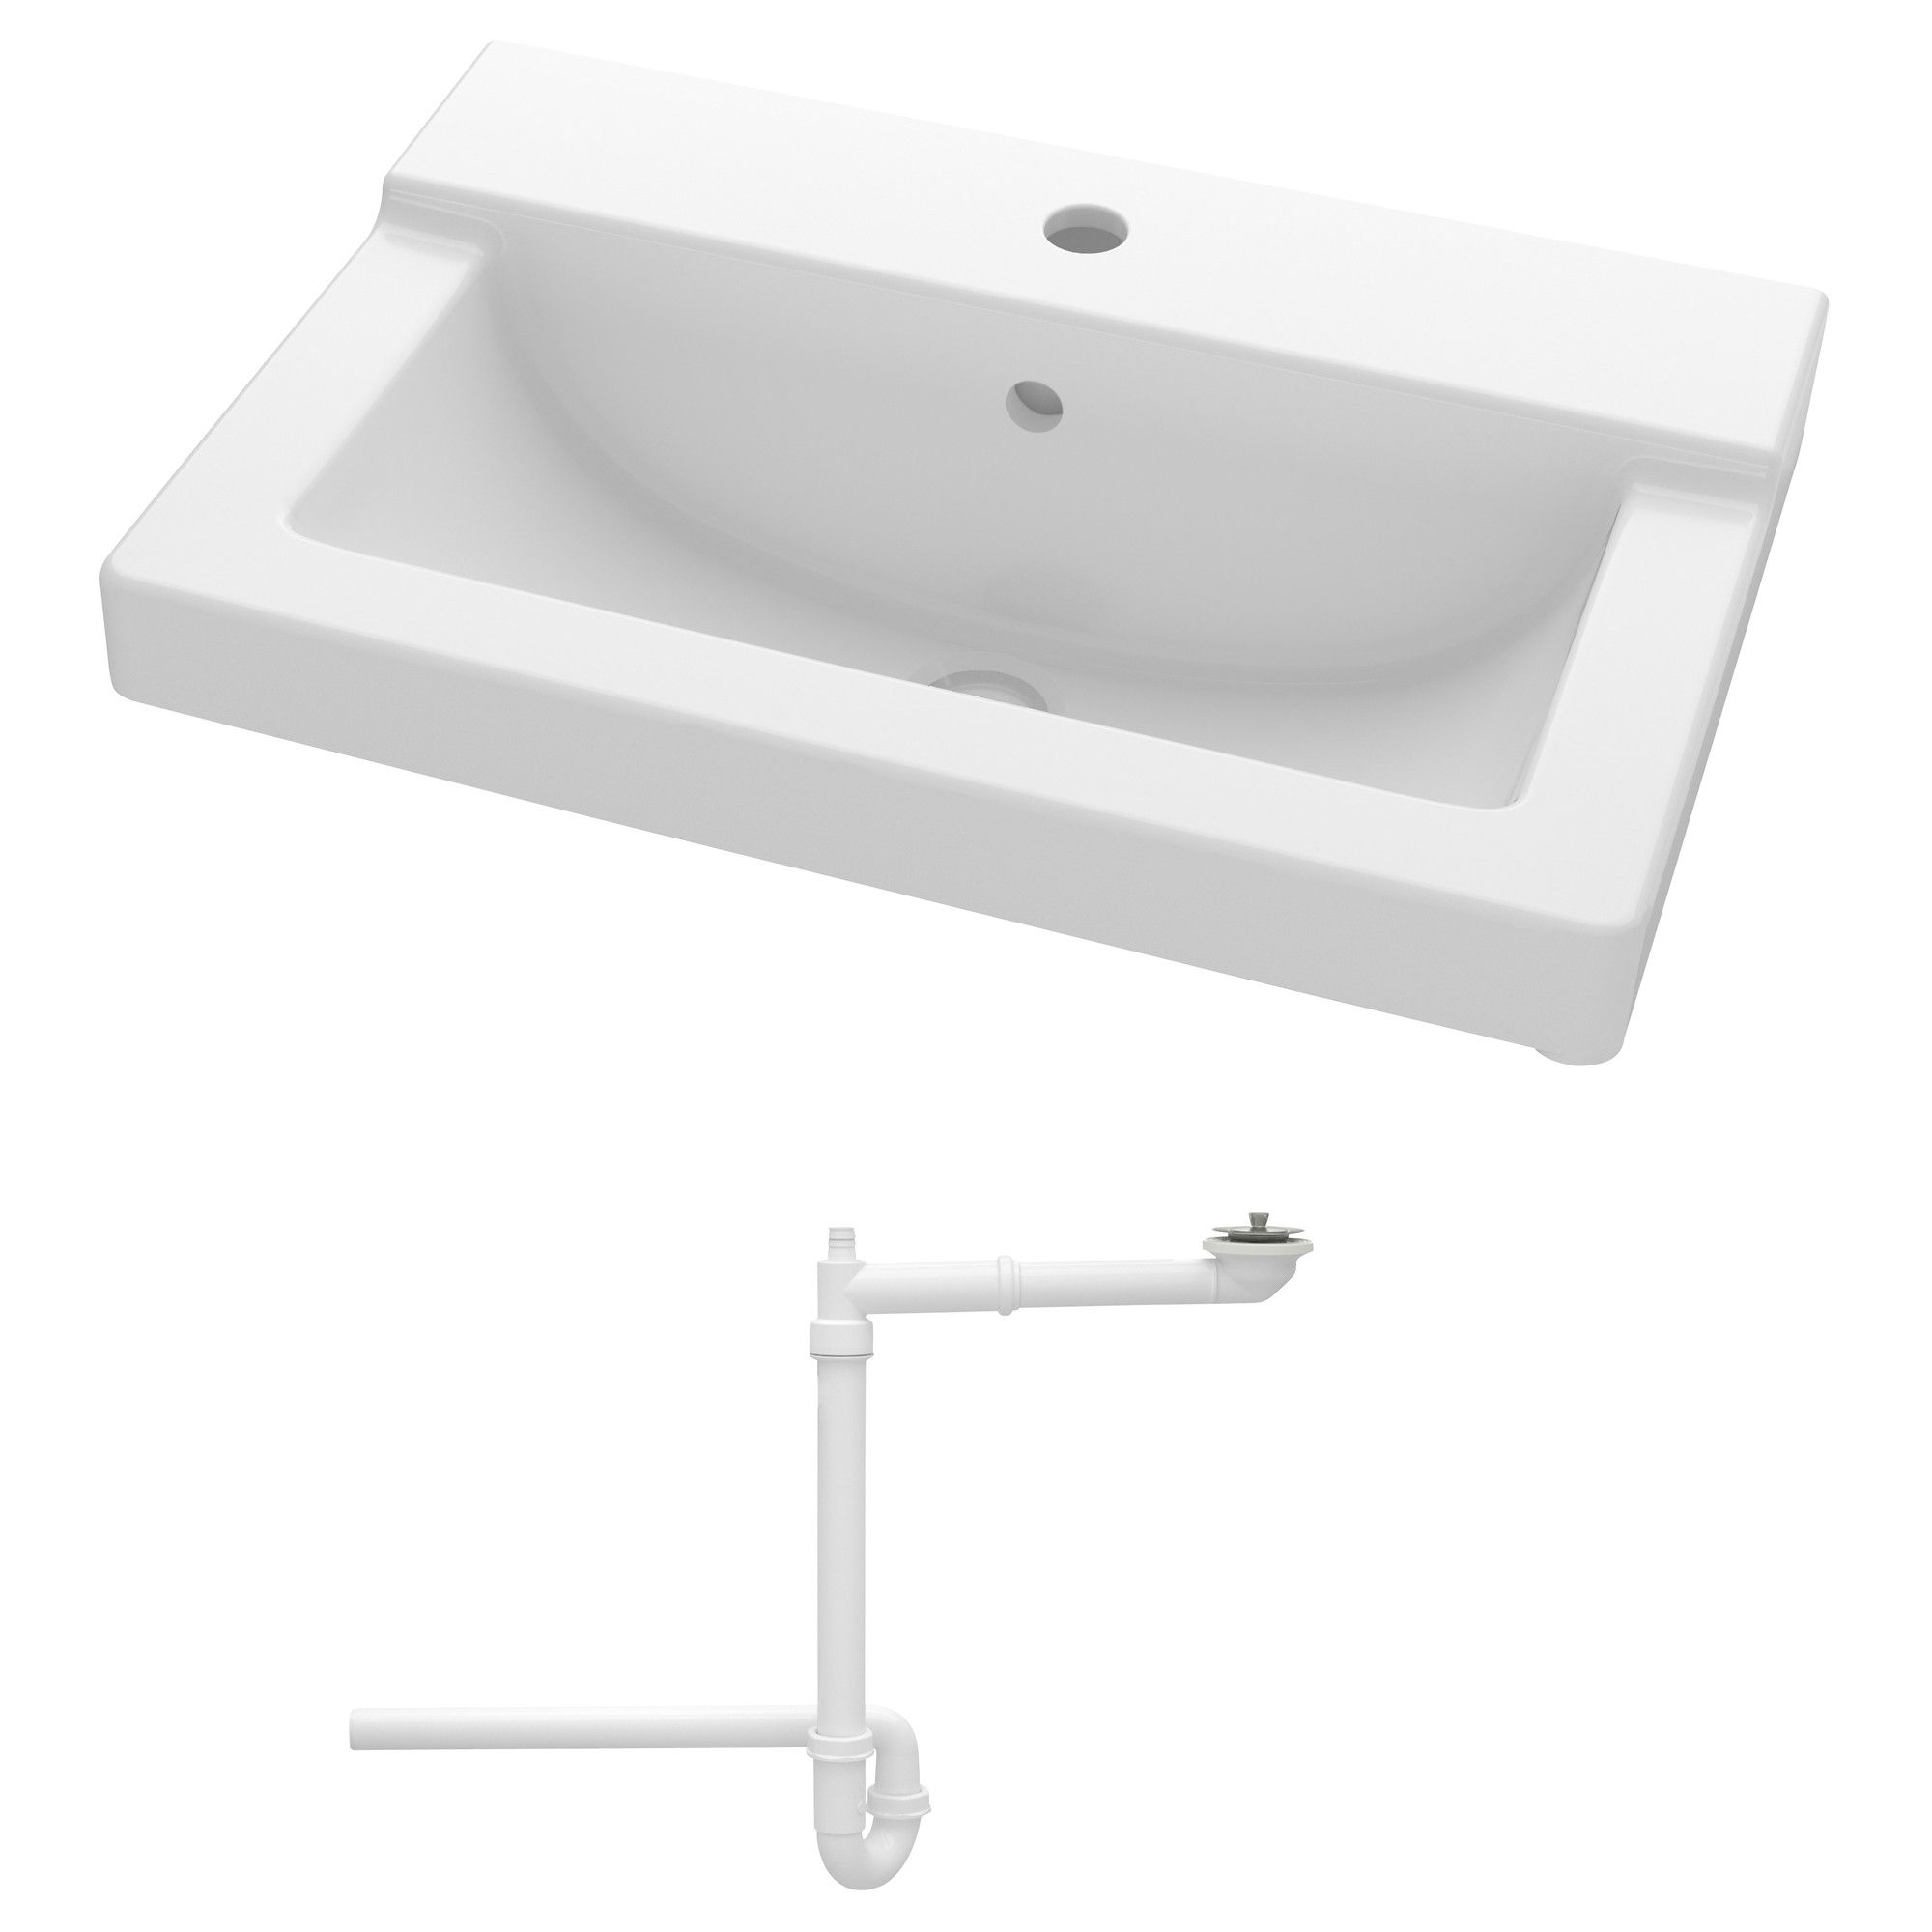 Talleviken Sink 24x16 1 8x3 1 8 Ikea Sinks Sink Ikea Bathroom